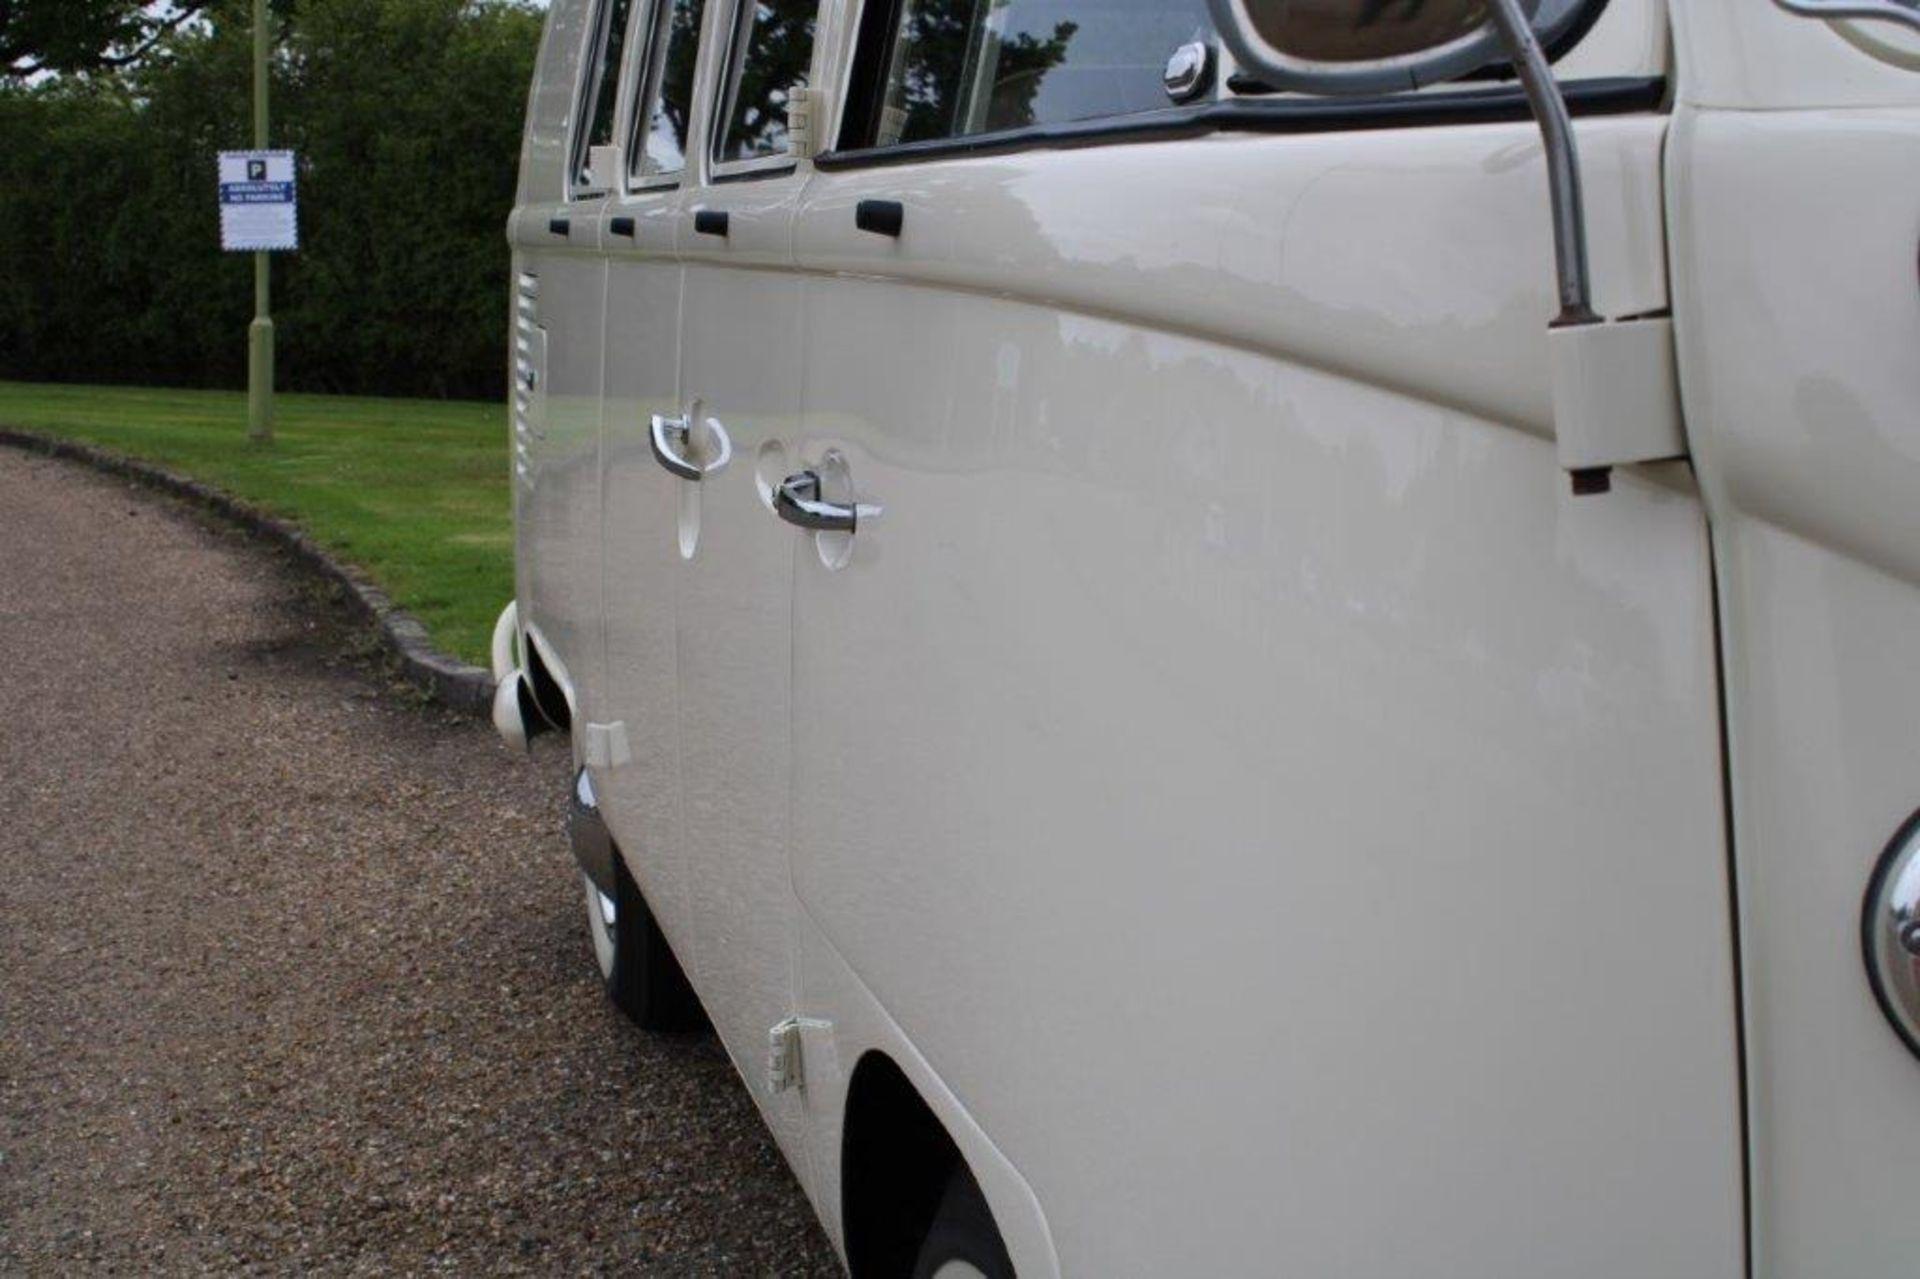 1966 Volkswagen Split Screen Camper LHD - Image 13 of 28